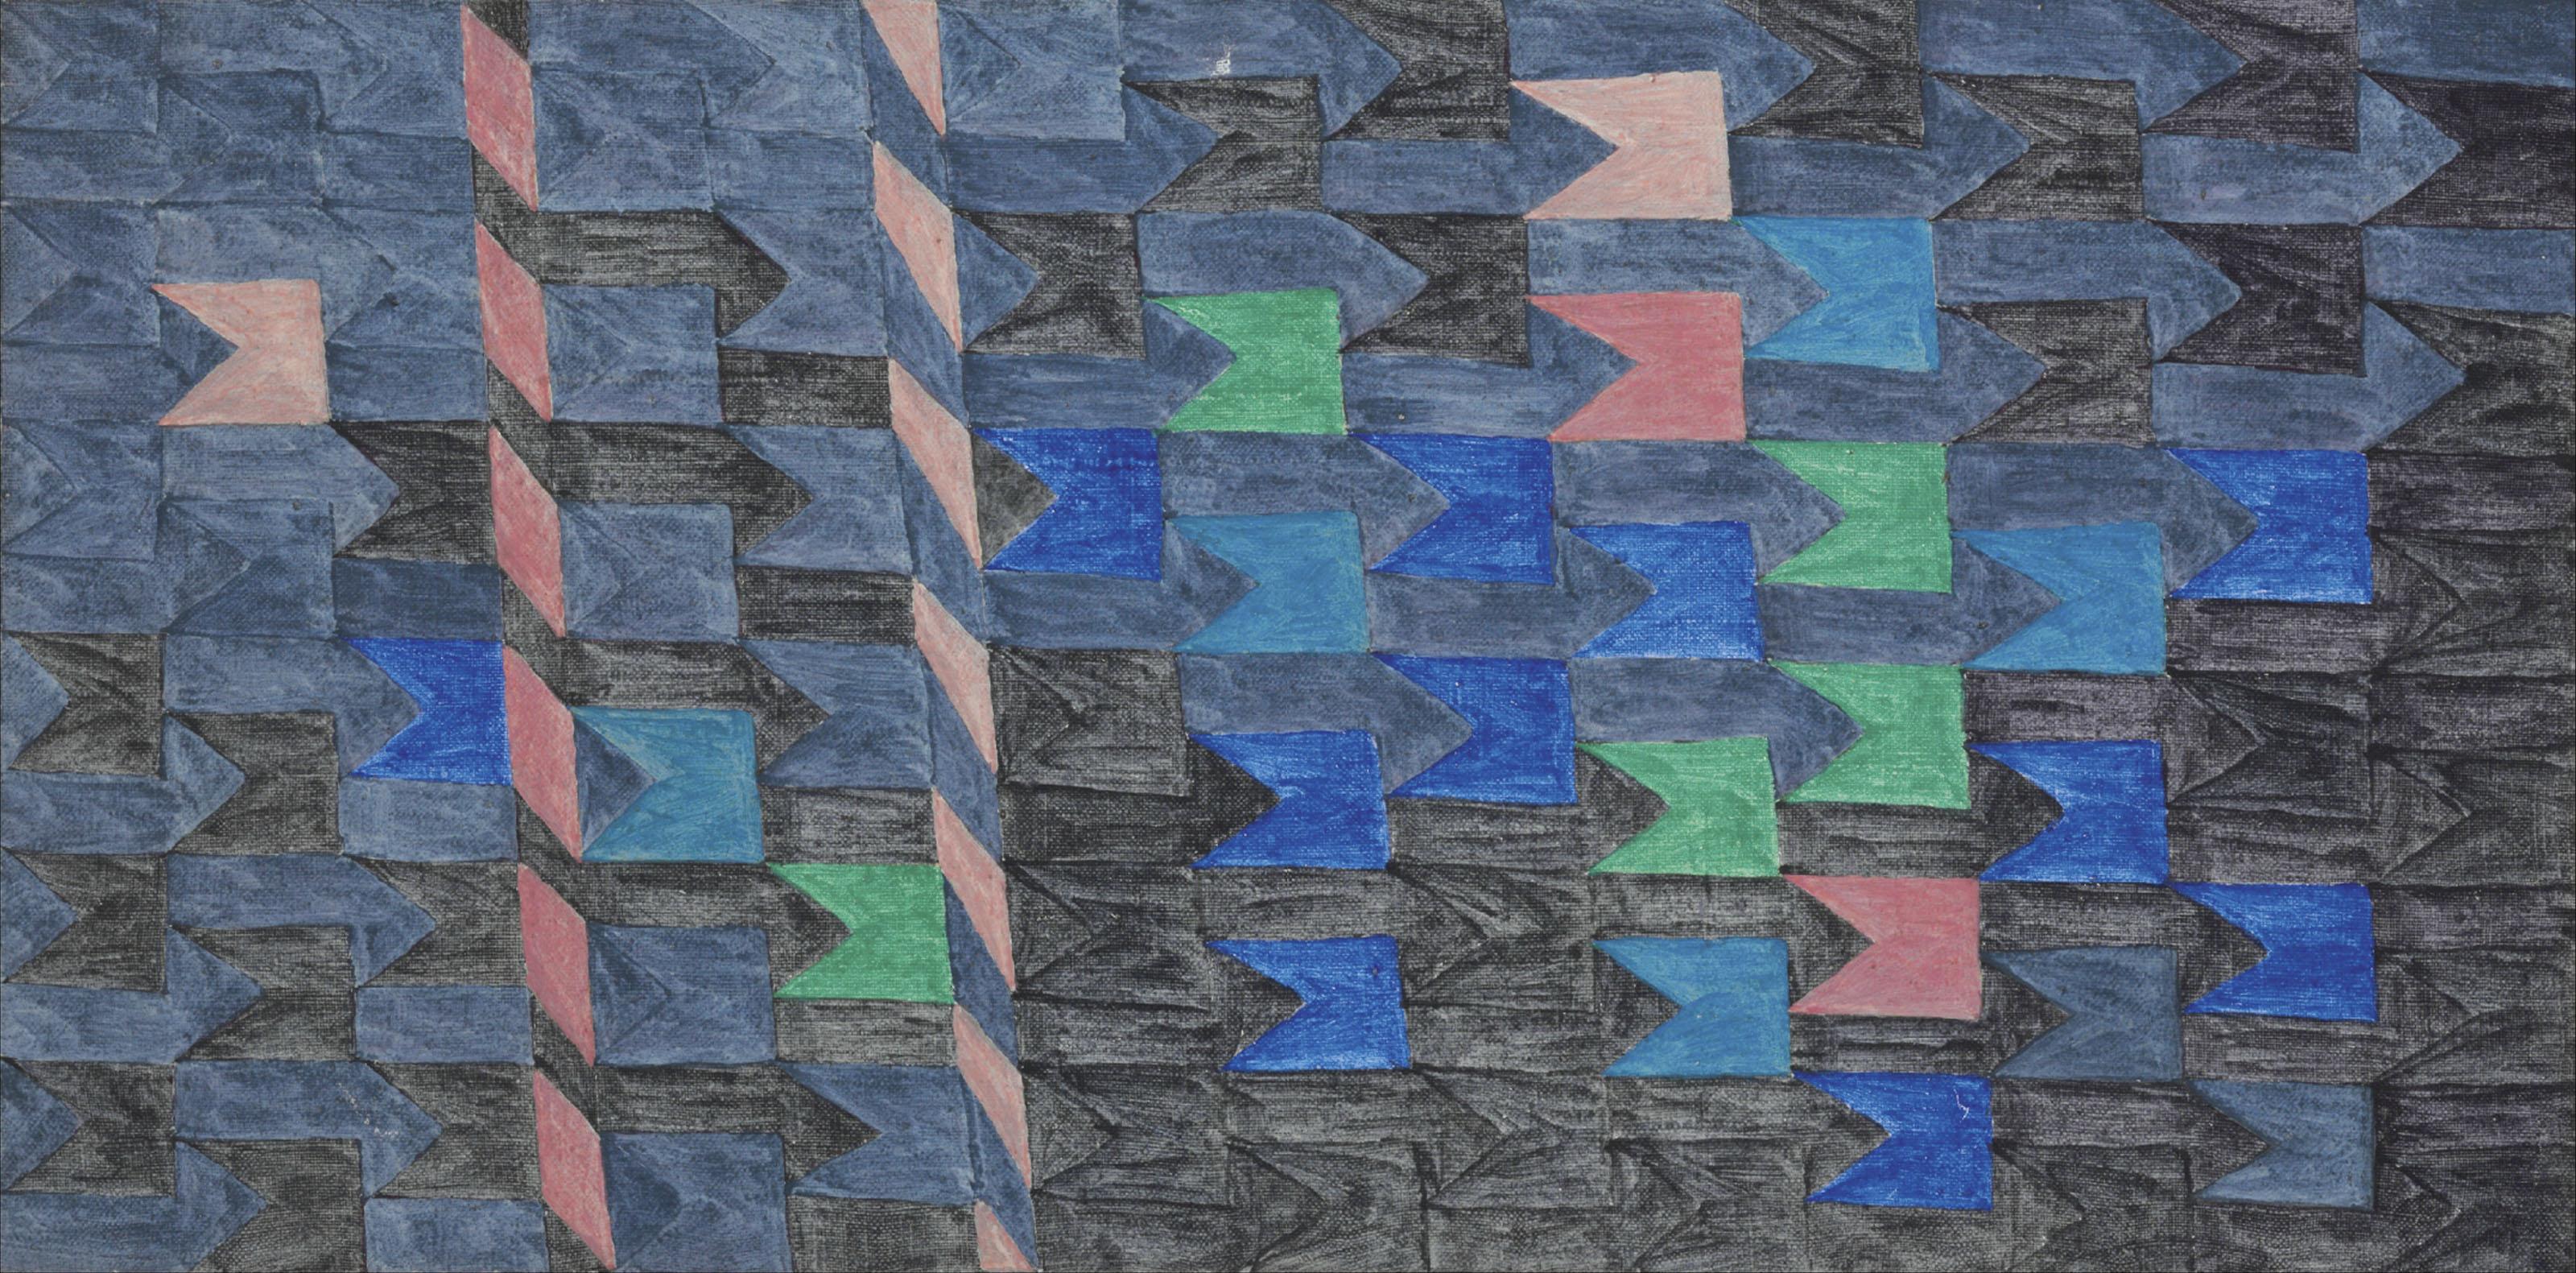 Bandeirinhas horizontais com mastros (No. 1337)